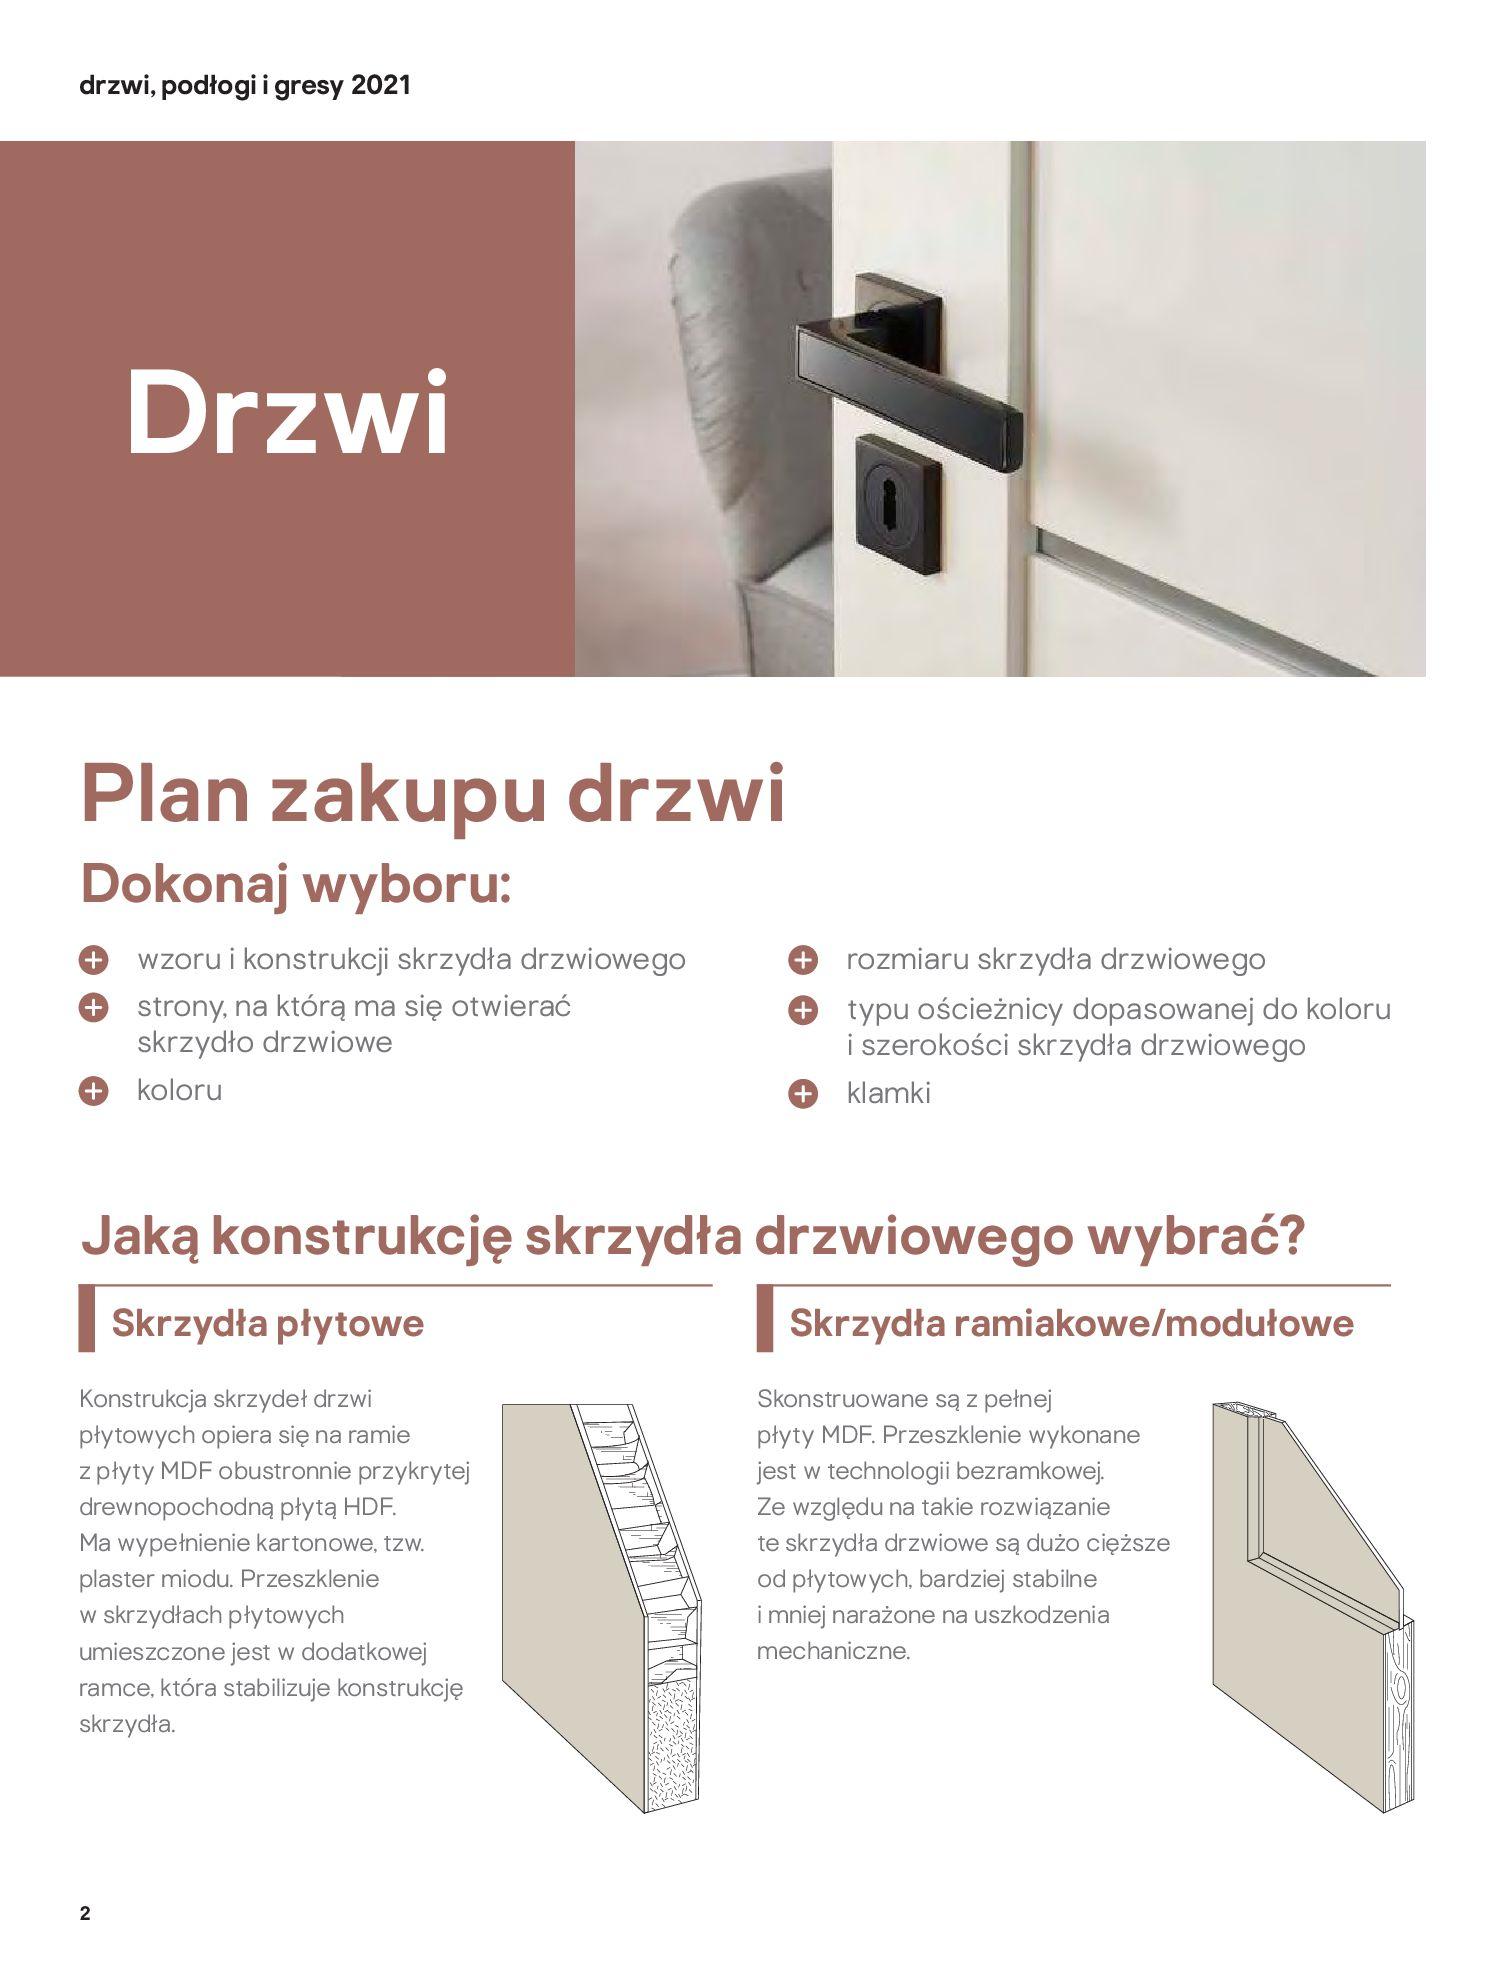 Gazetka Castorama: Gazetka Castorama - Przewodnik drzwi i podłogi 2021 2021-08-11 page-2